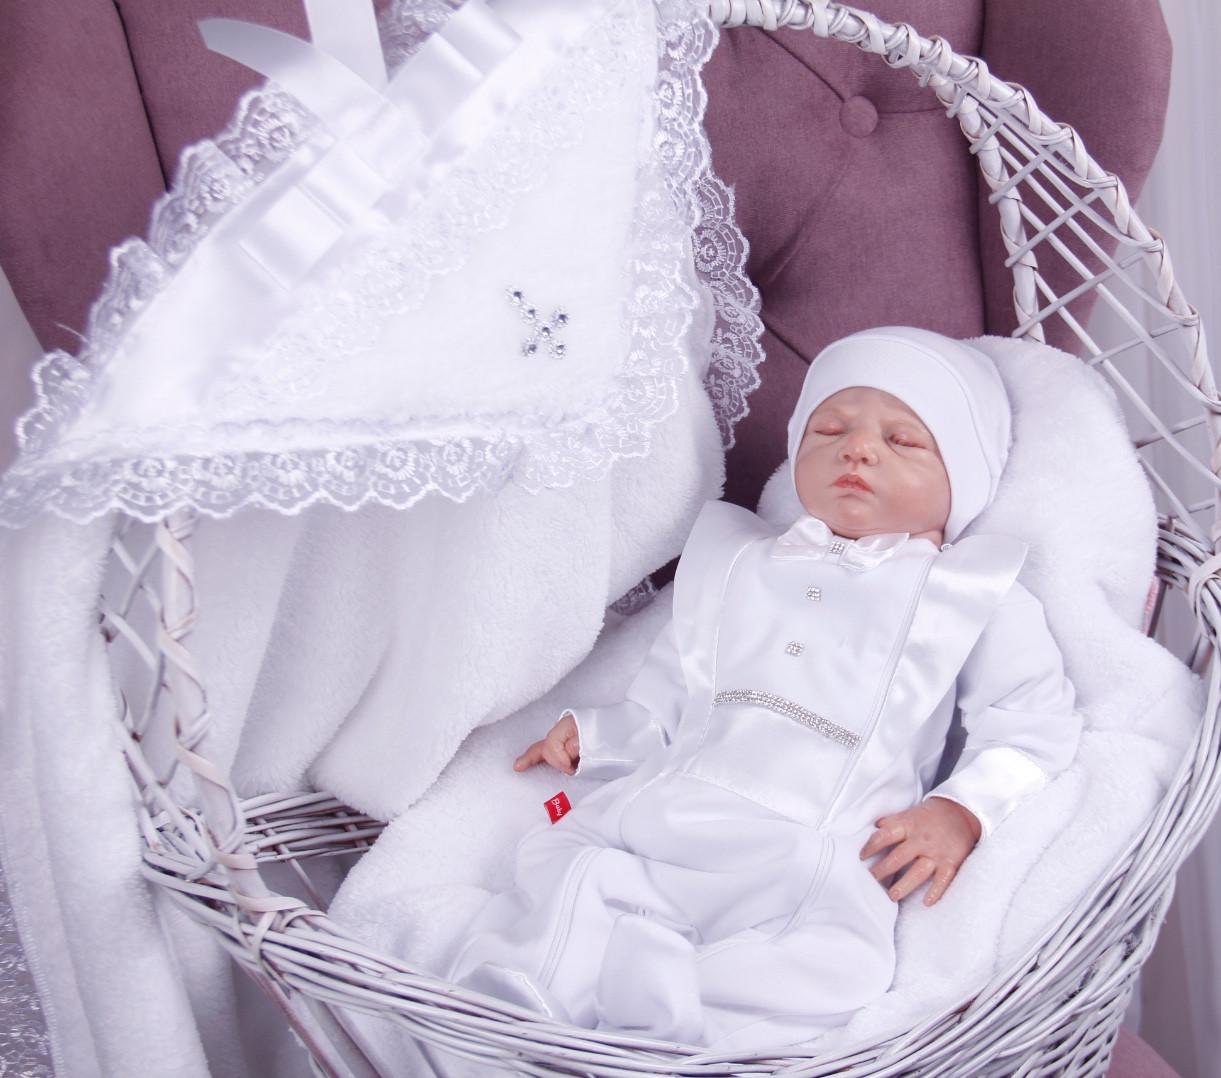 Комплект одежды для крещения мальчика Бантик+Фрак New белый